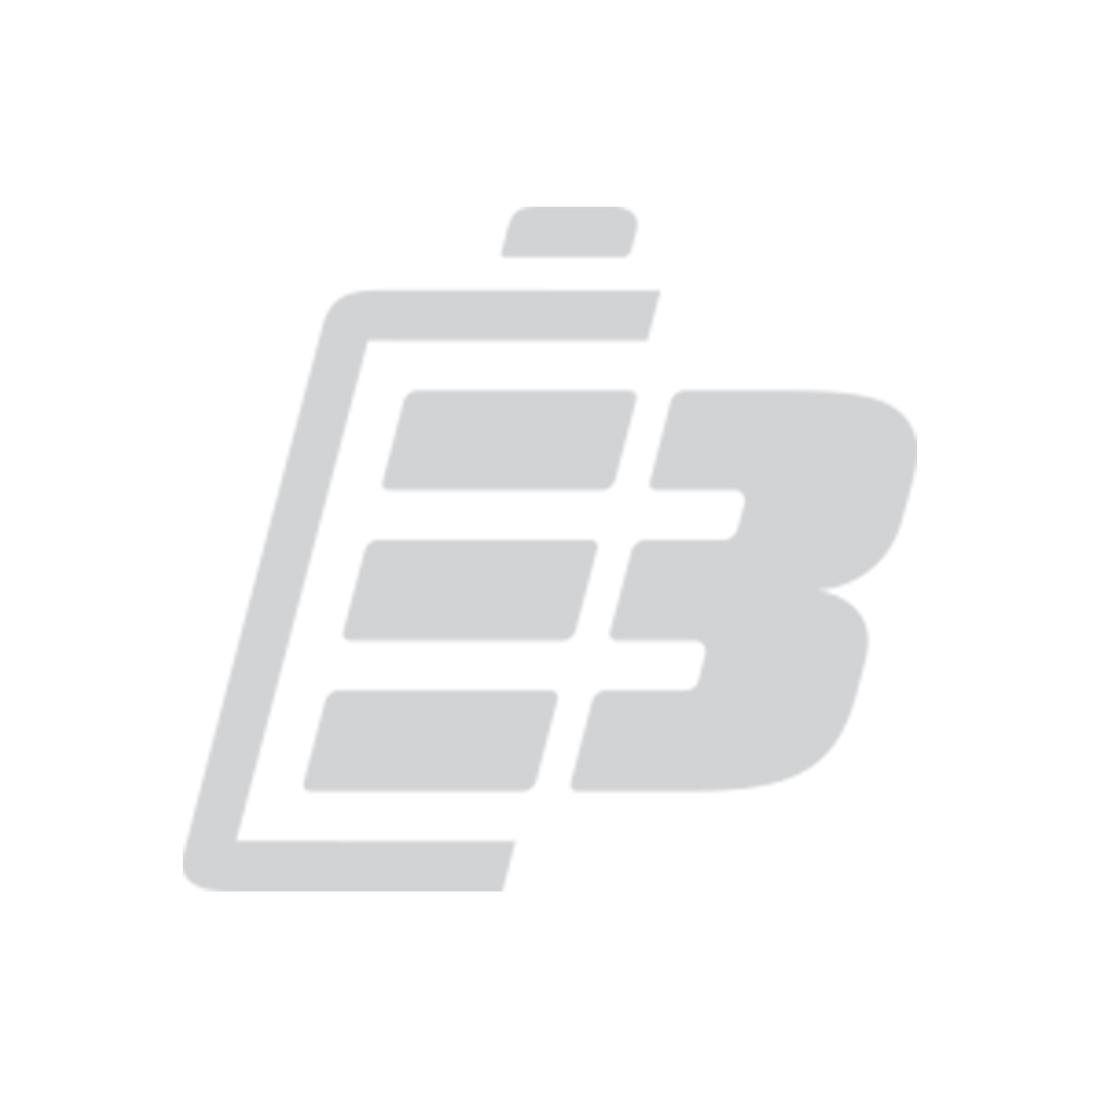 Camera battery Leica Q_1